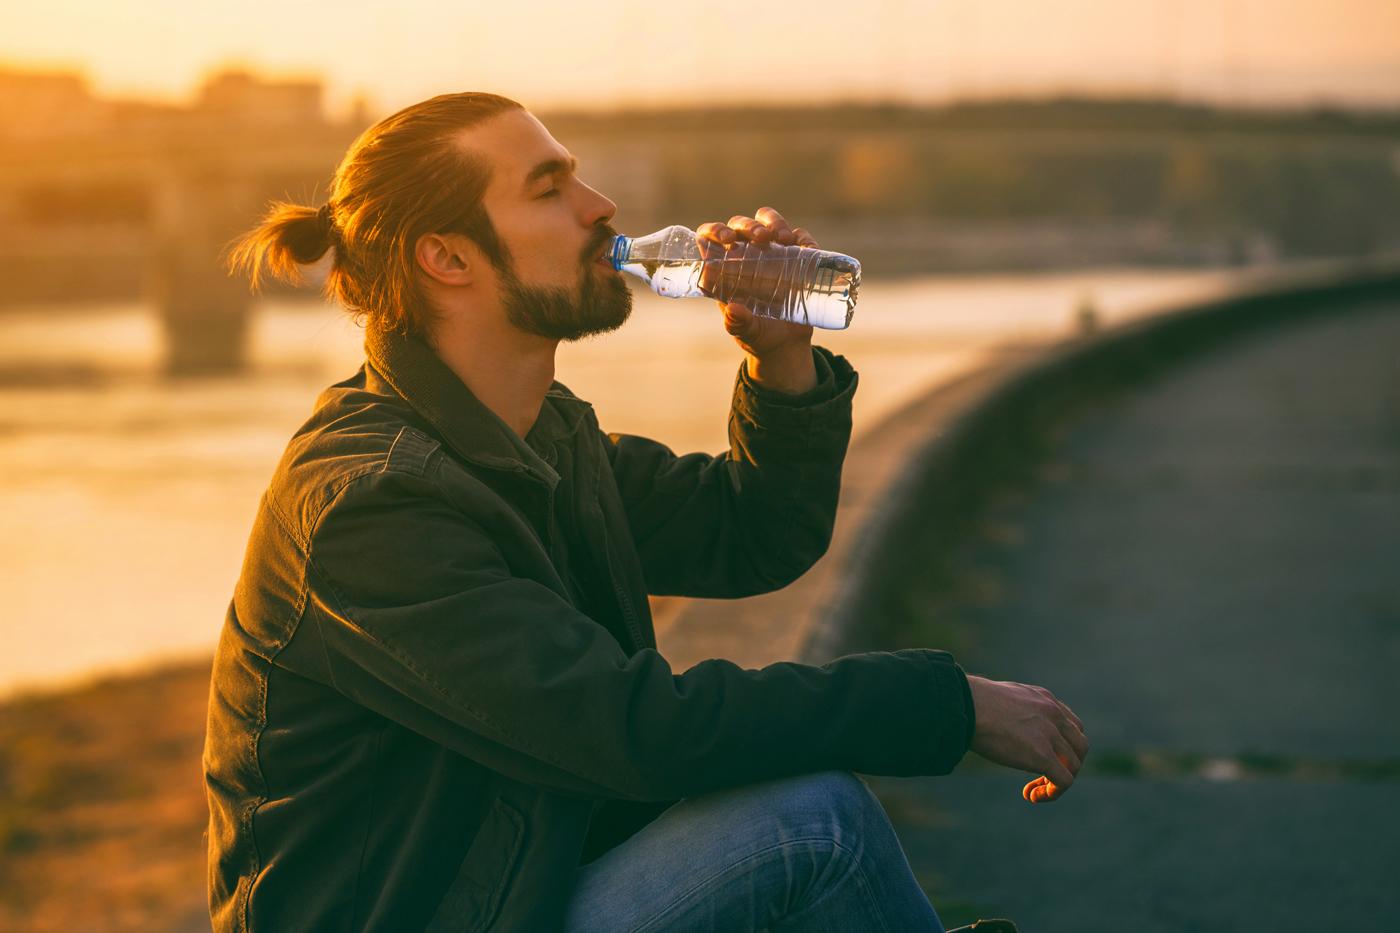 Beberías agua que no esté filtrada? FrecanAir